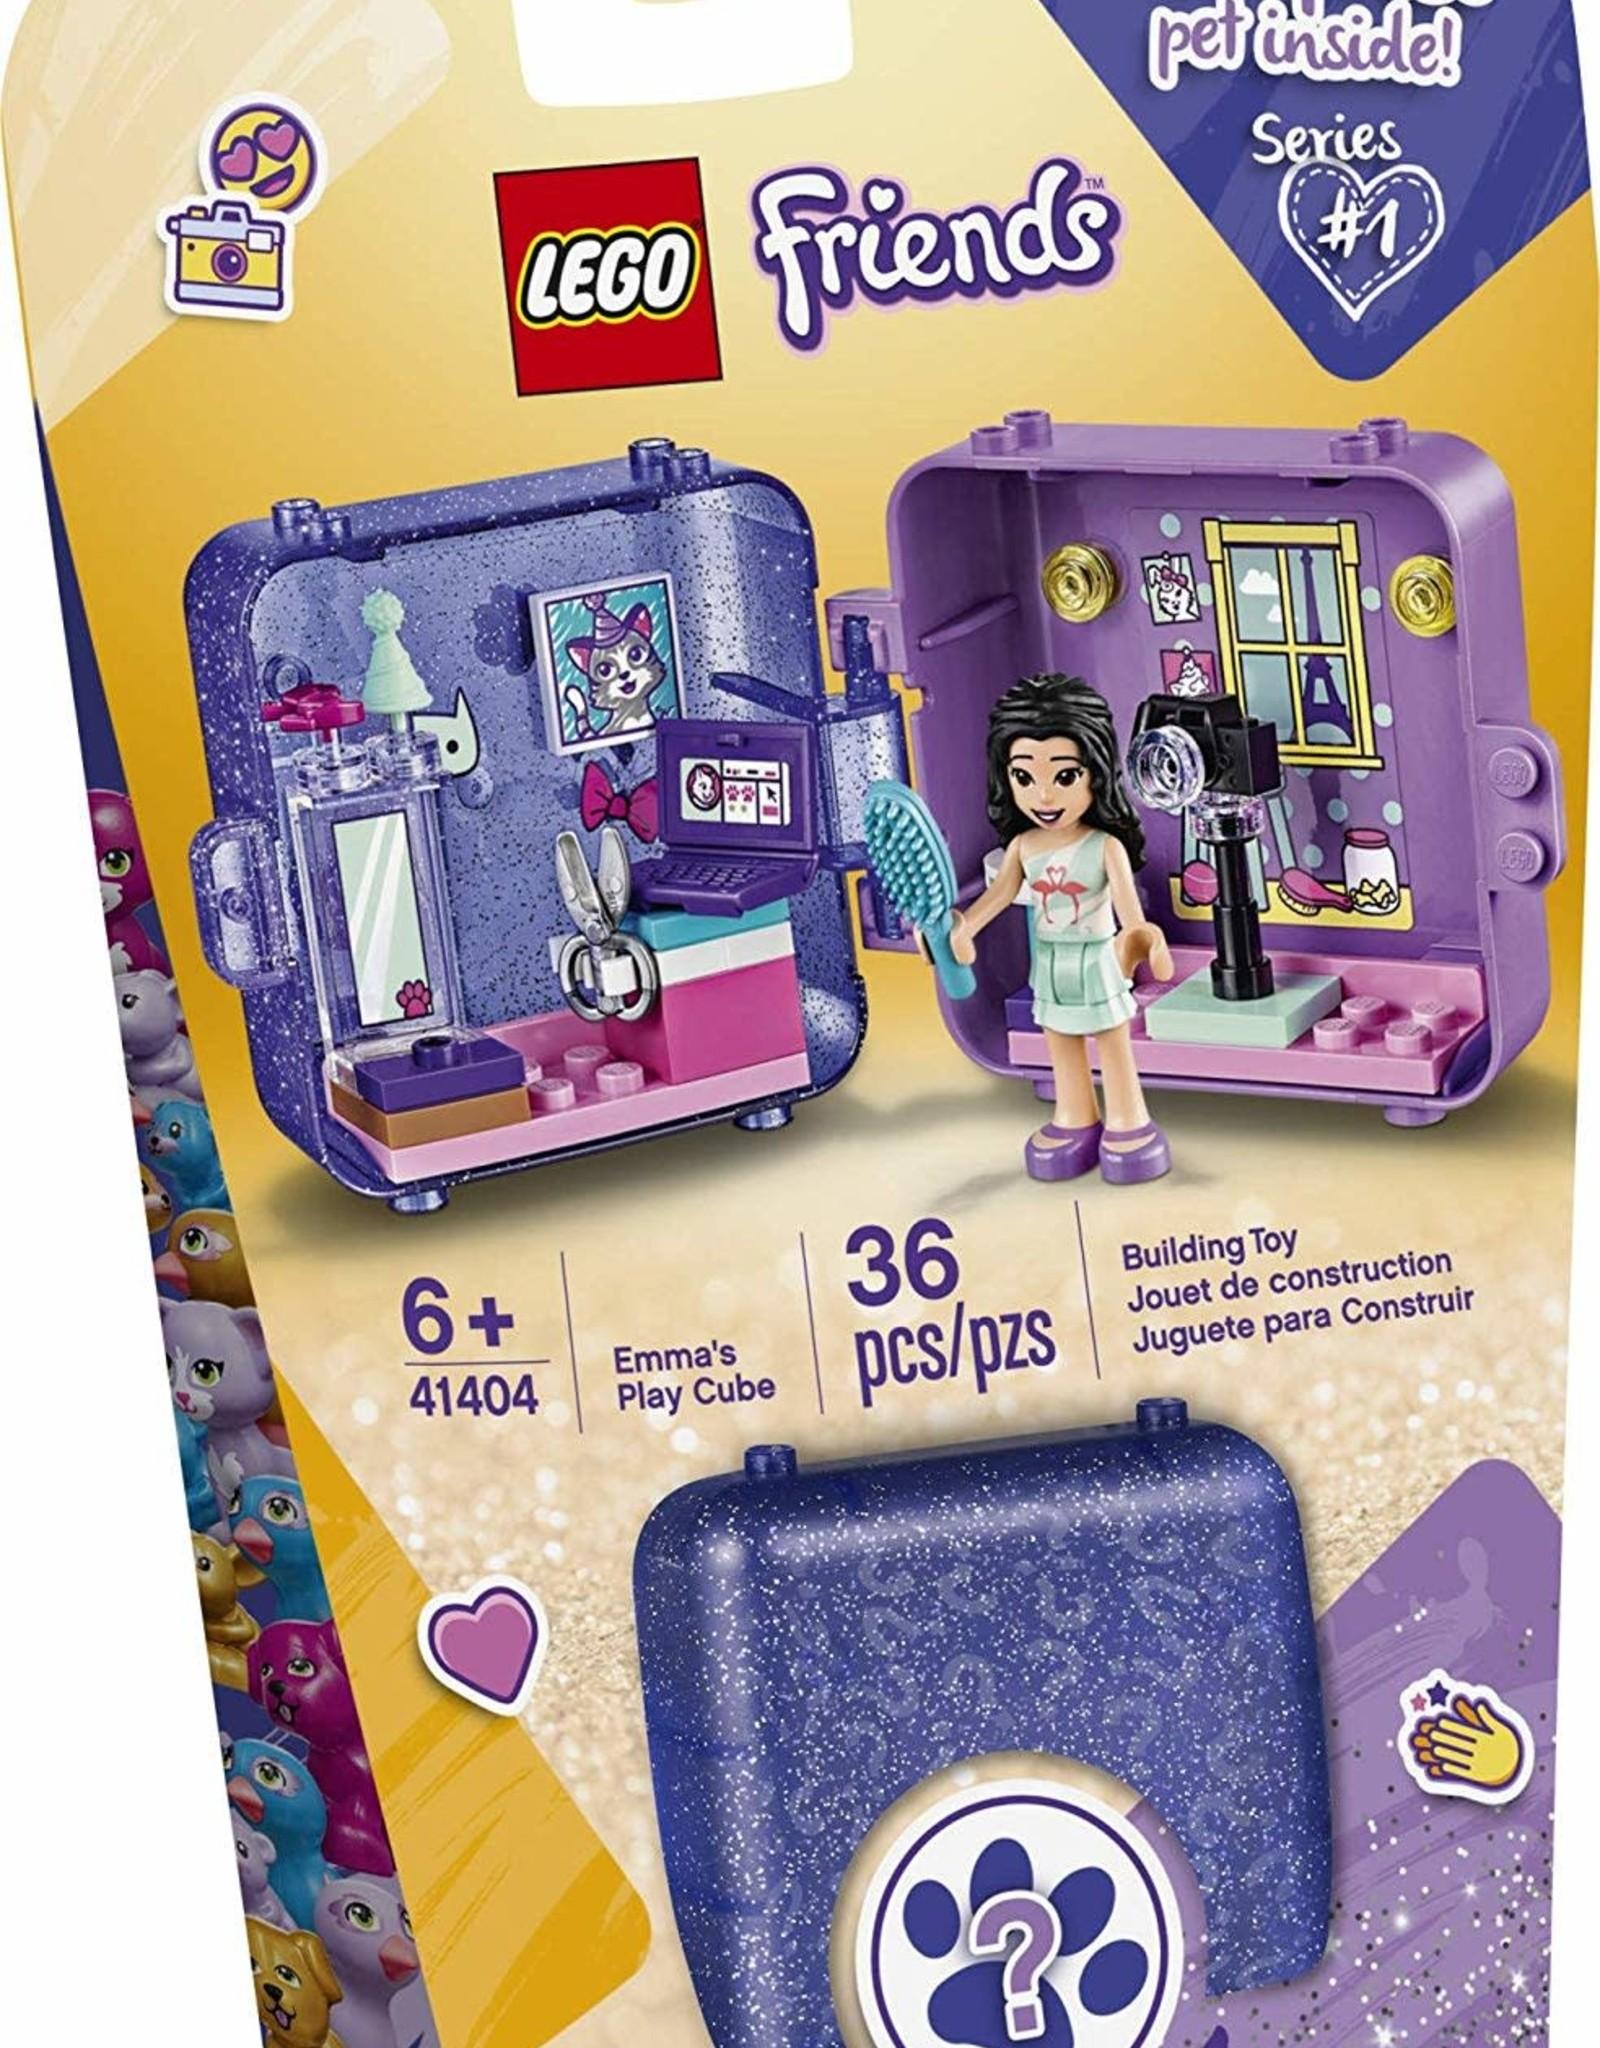 Emma's play cube lego